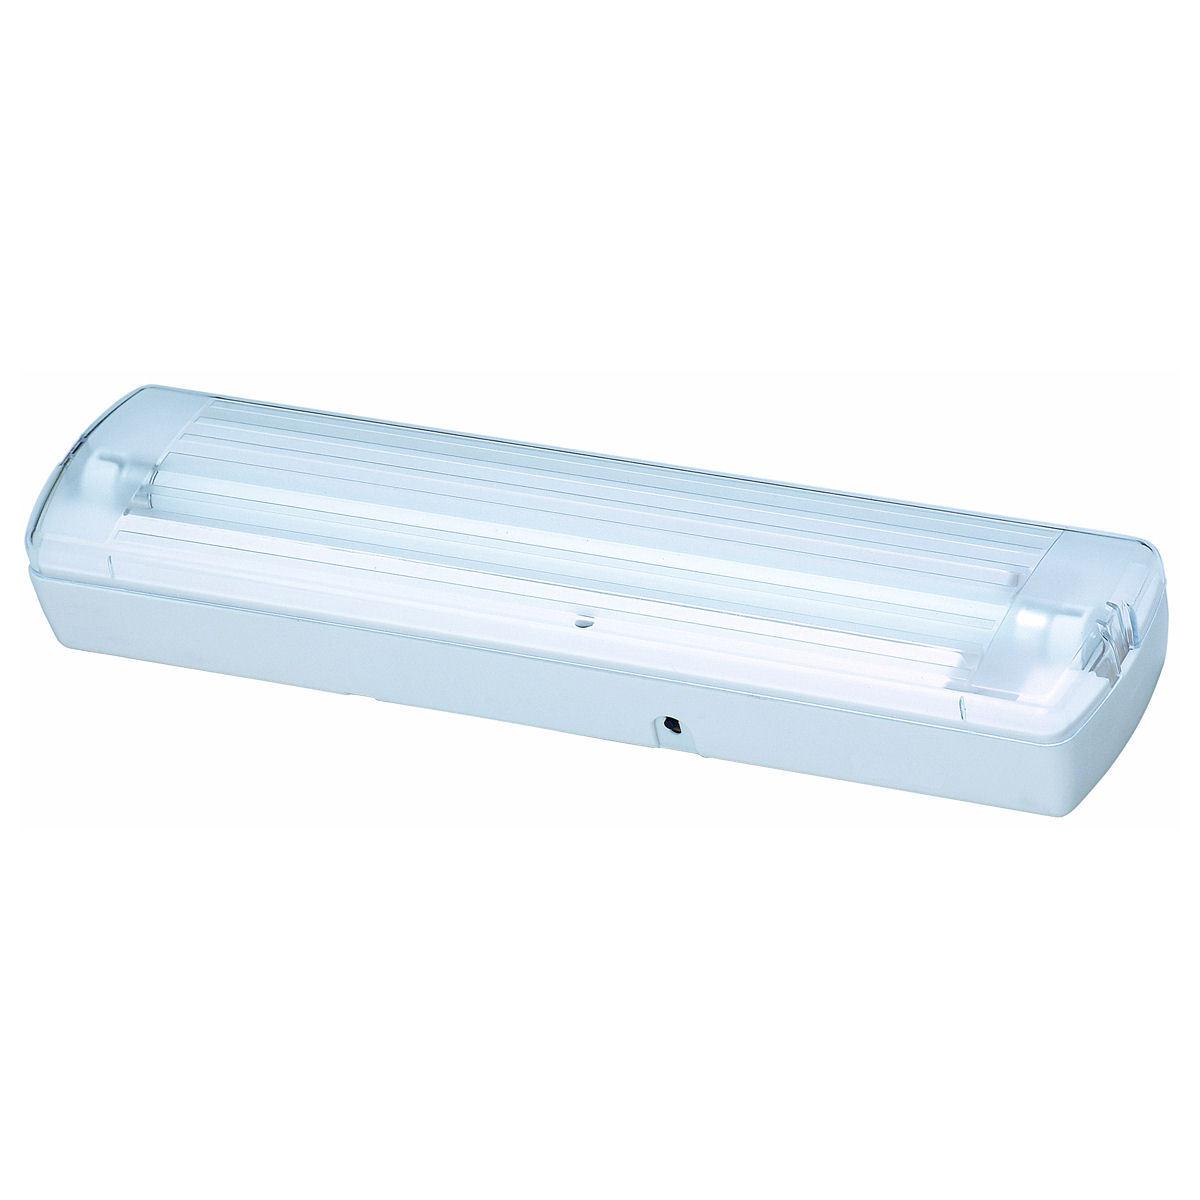 Размеры люминесцентного аккумуляторного светильника HL-308